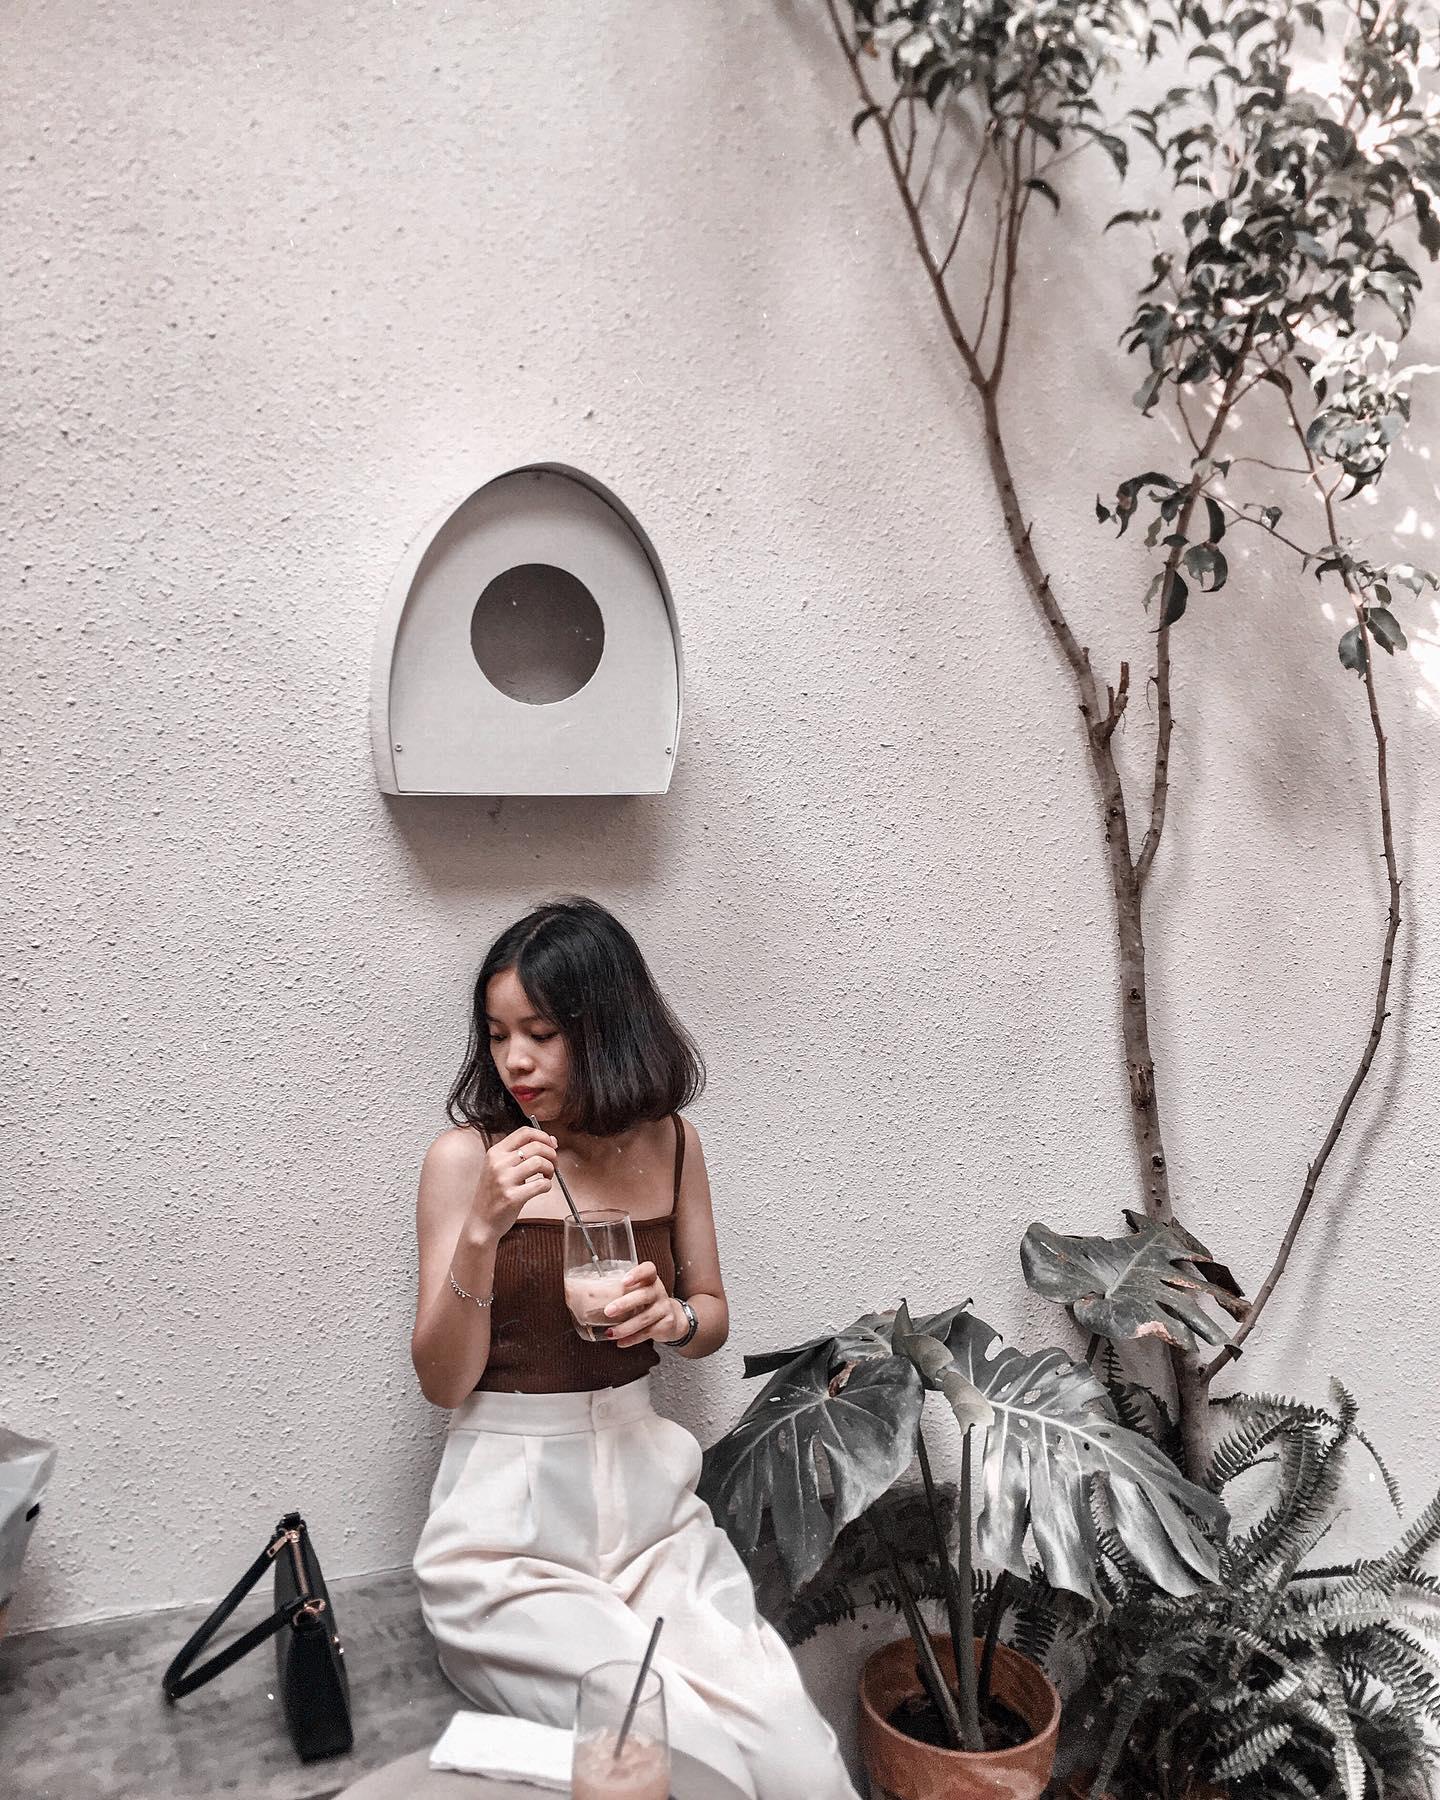 saigon-quan-cafe-september-saigon-19